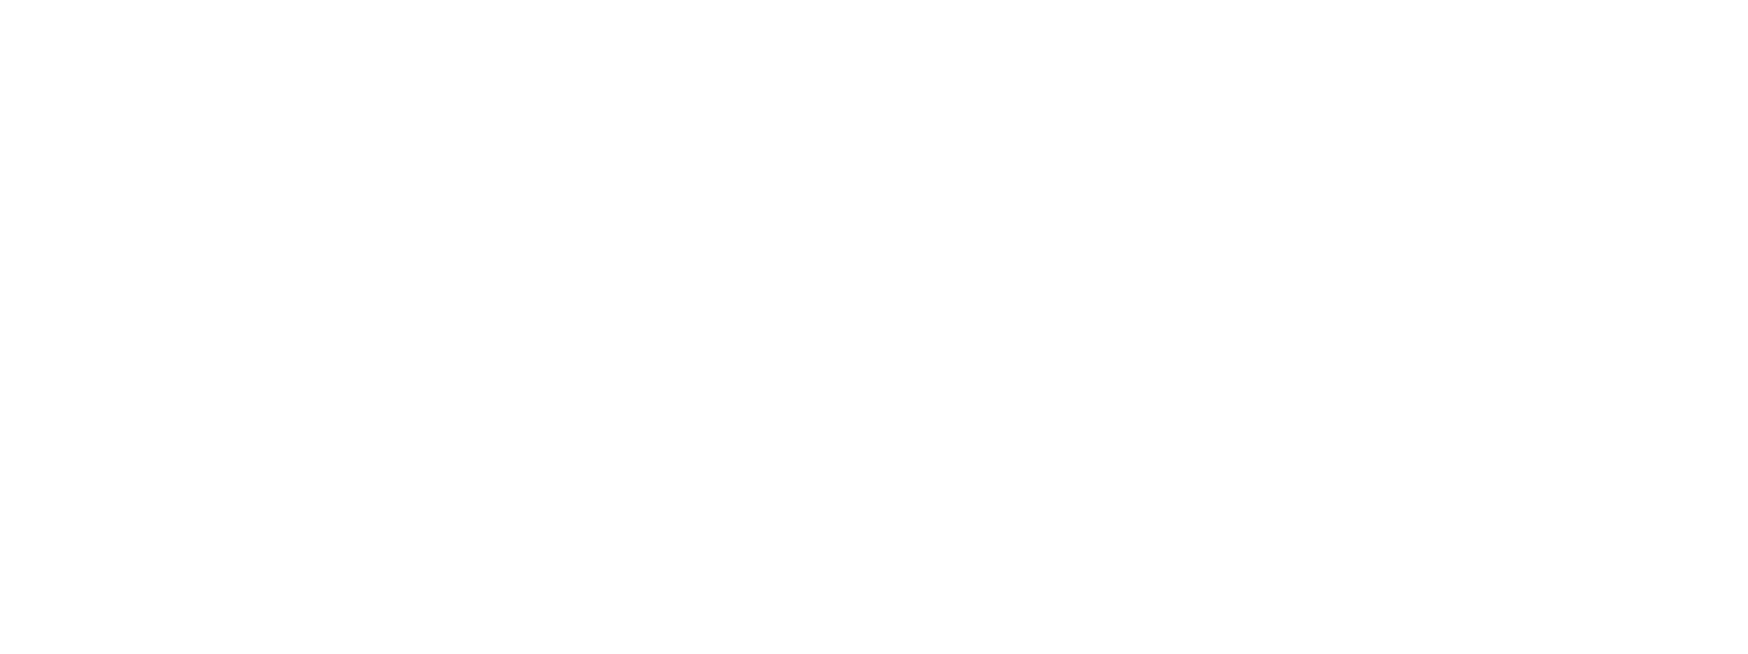 ALC_logo'19-12.png